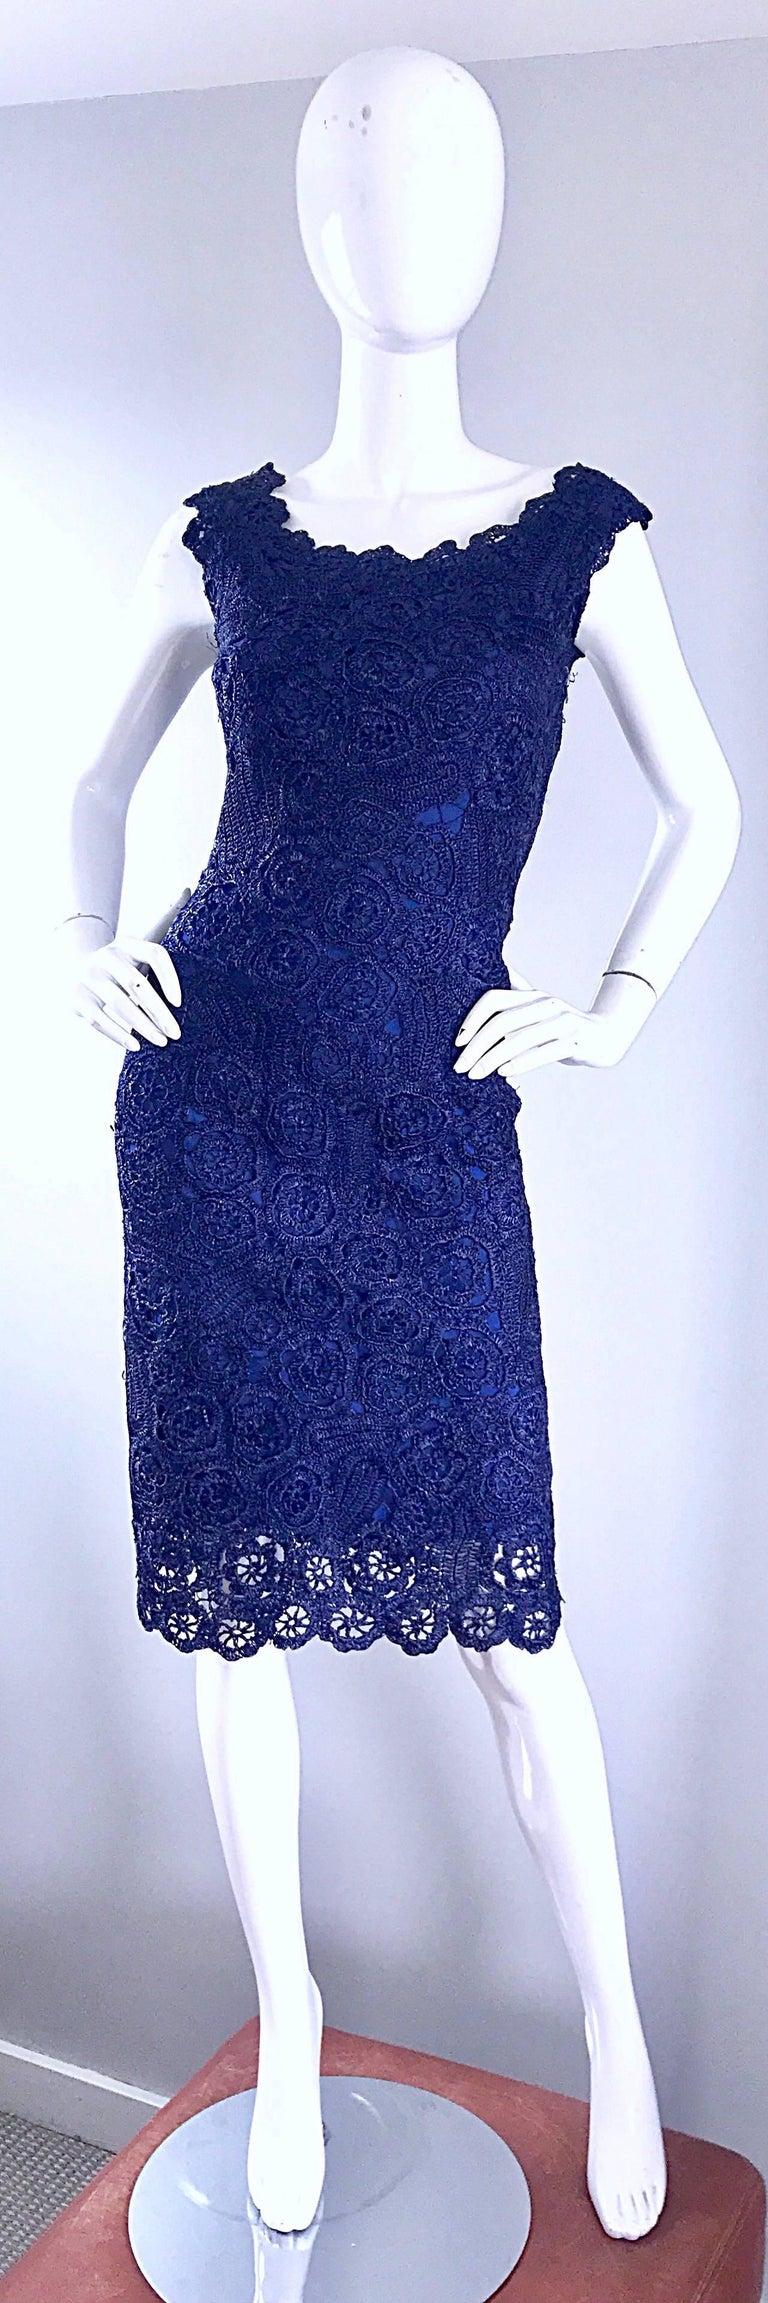 Gorgeous 1950s Demi Couture Navy Blue Raffia Cut - Out Vintage 50s Dress For Sale 6